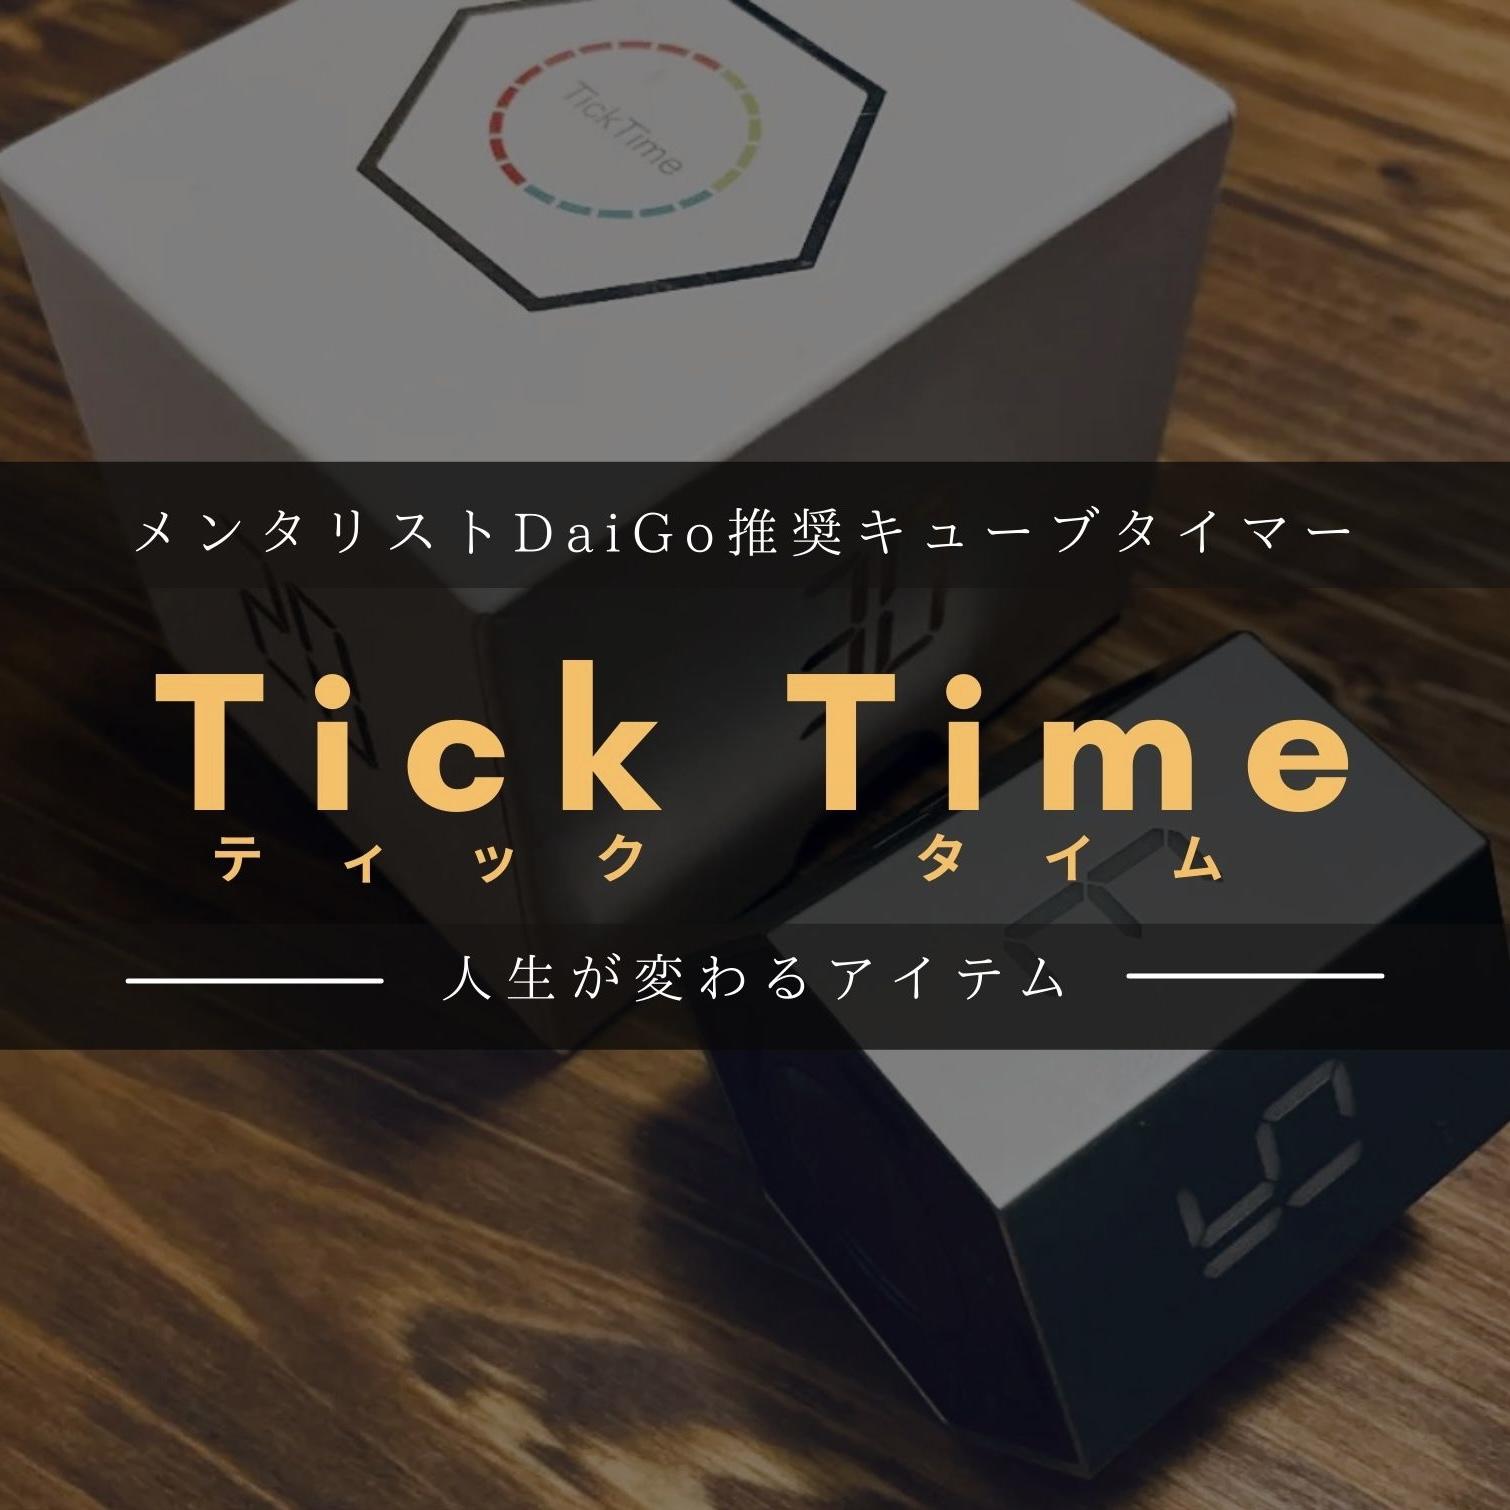 メンタリストDaiGo推奨キューブタイマー「TickTime」【人生が変わるガジェット】